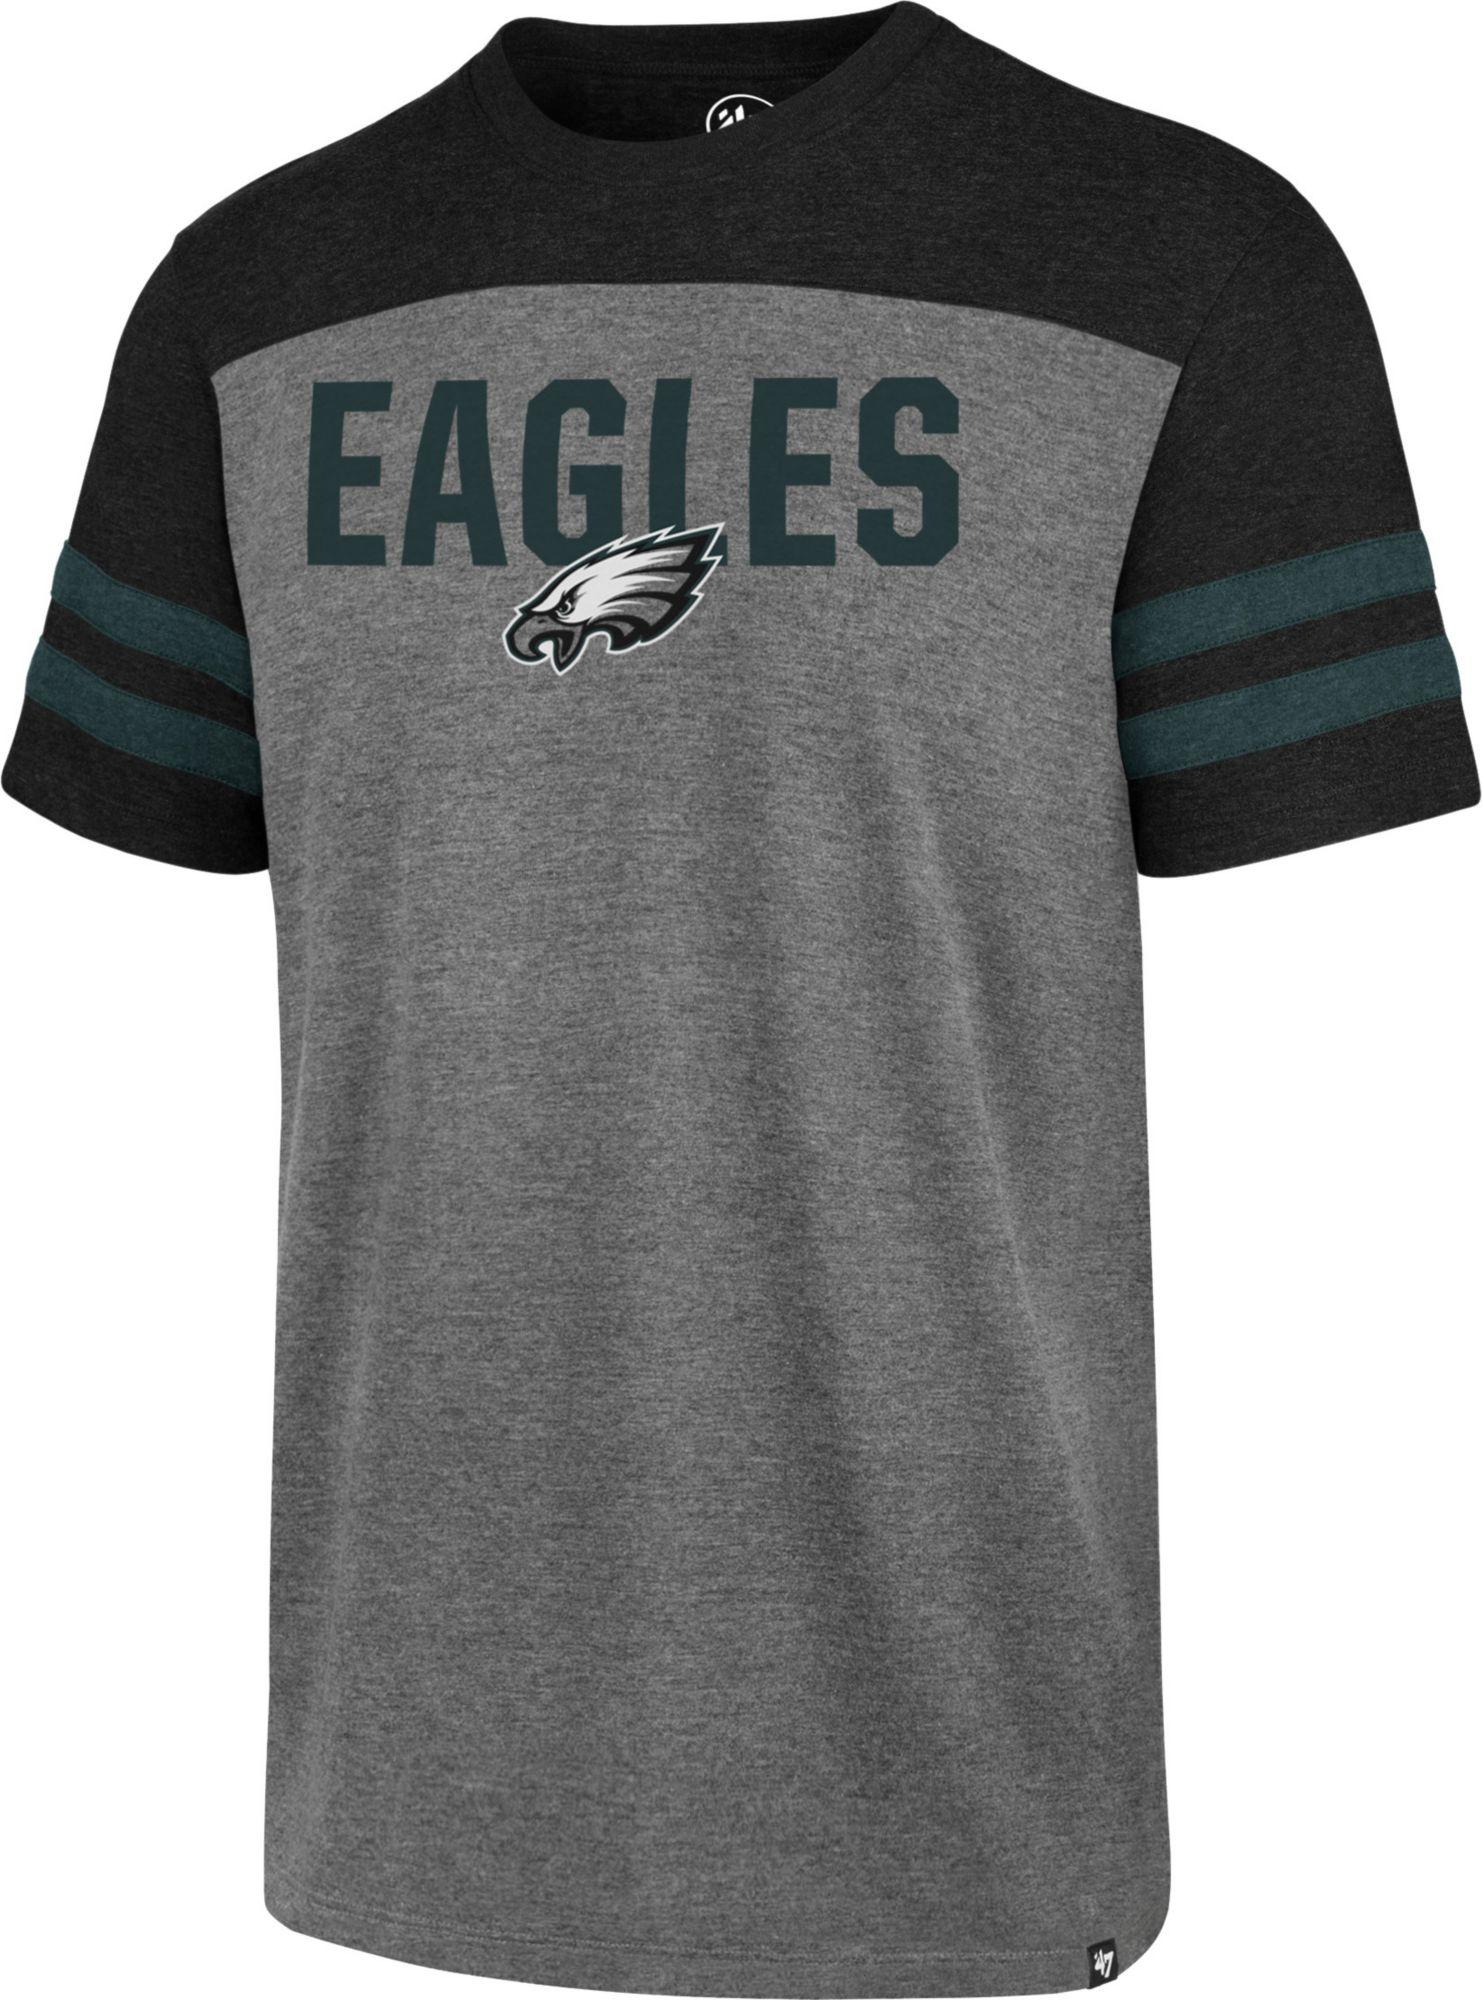 46bacfa0 shopping vintage philadelphia eagles jersey 6491f 16e83